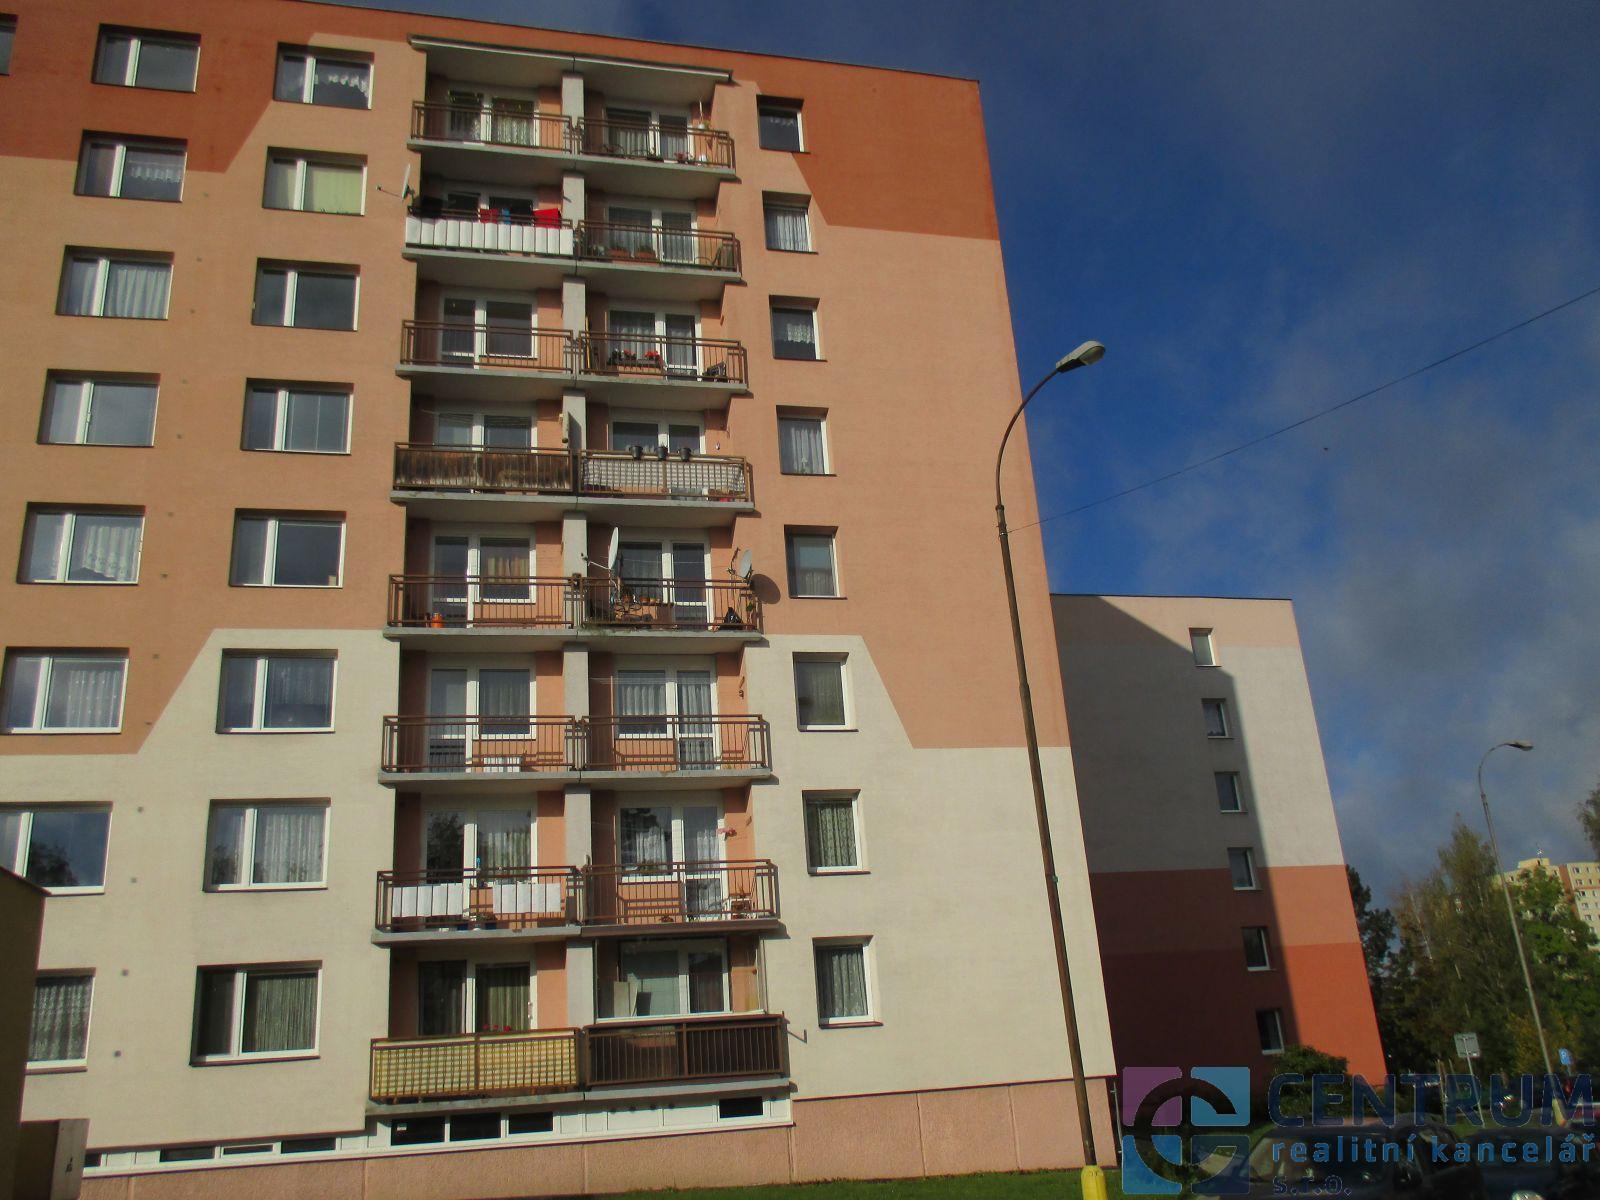 Pronájem bytu 1+1/L, ul. Nová Pasířská, Jablonec nad Nisou.